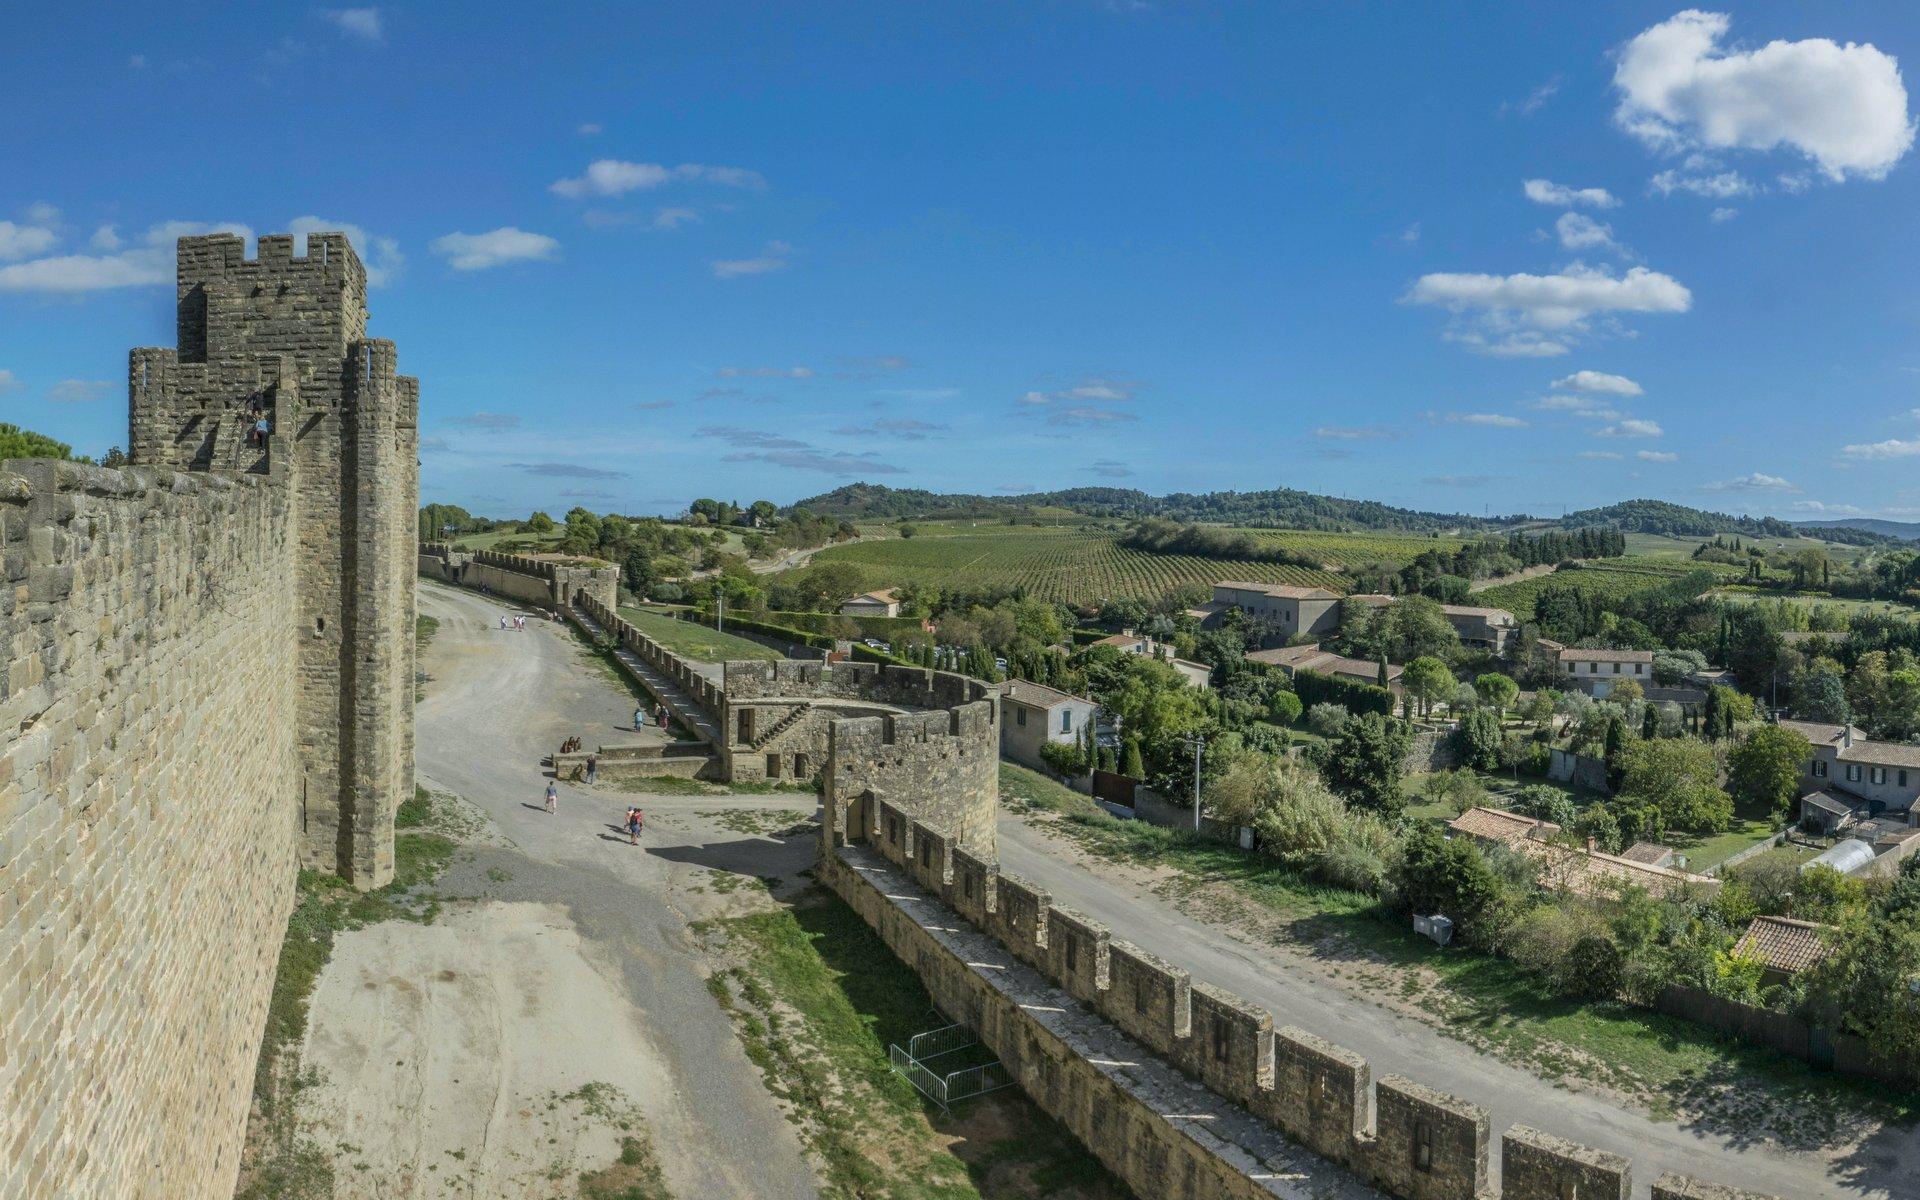 Südliche Stadtmauer der Cité Carcassonne